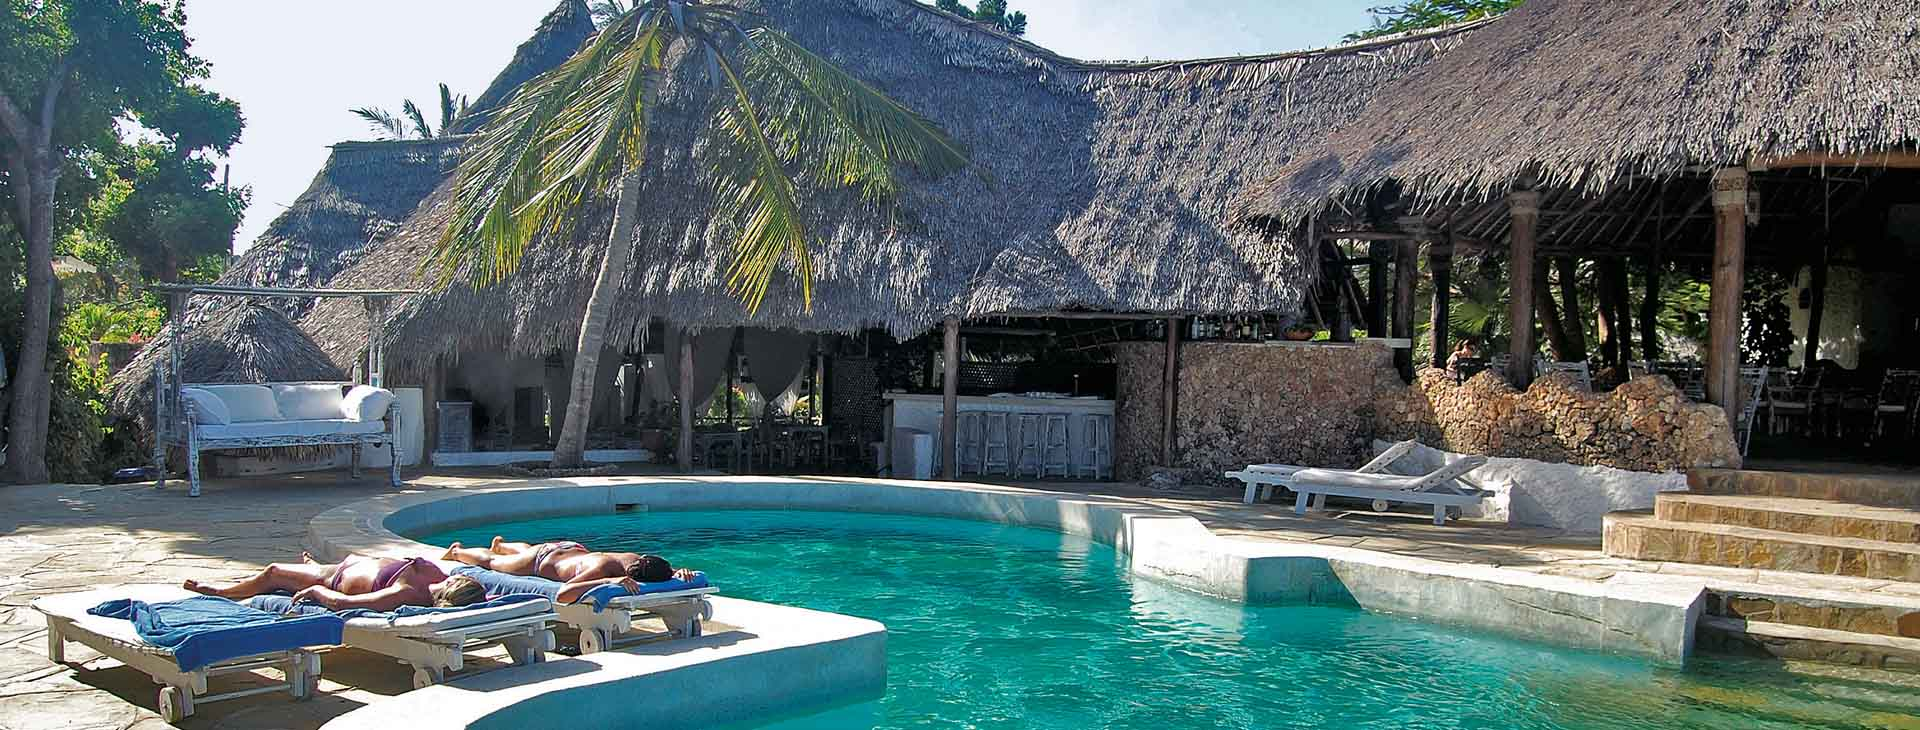 Powitanie z Afryką / Stephanie Ocean Resort